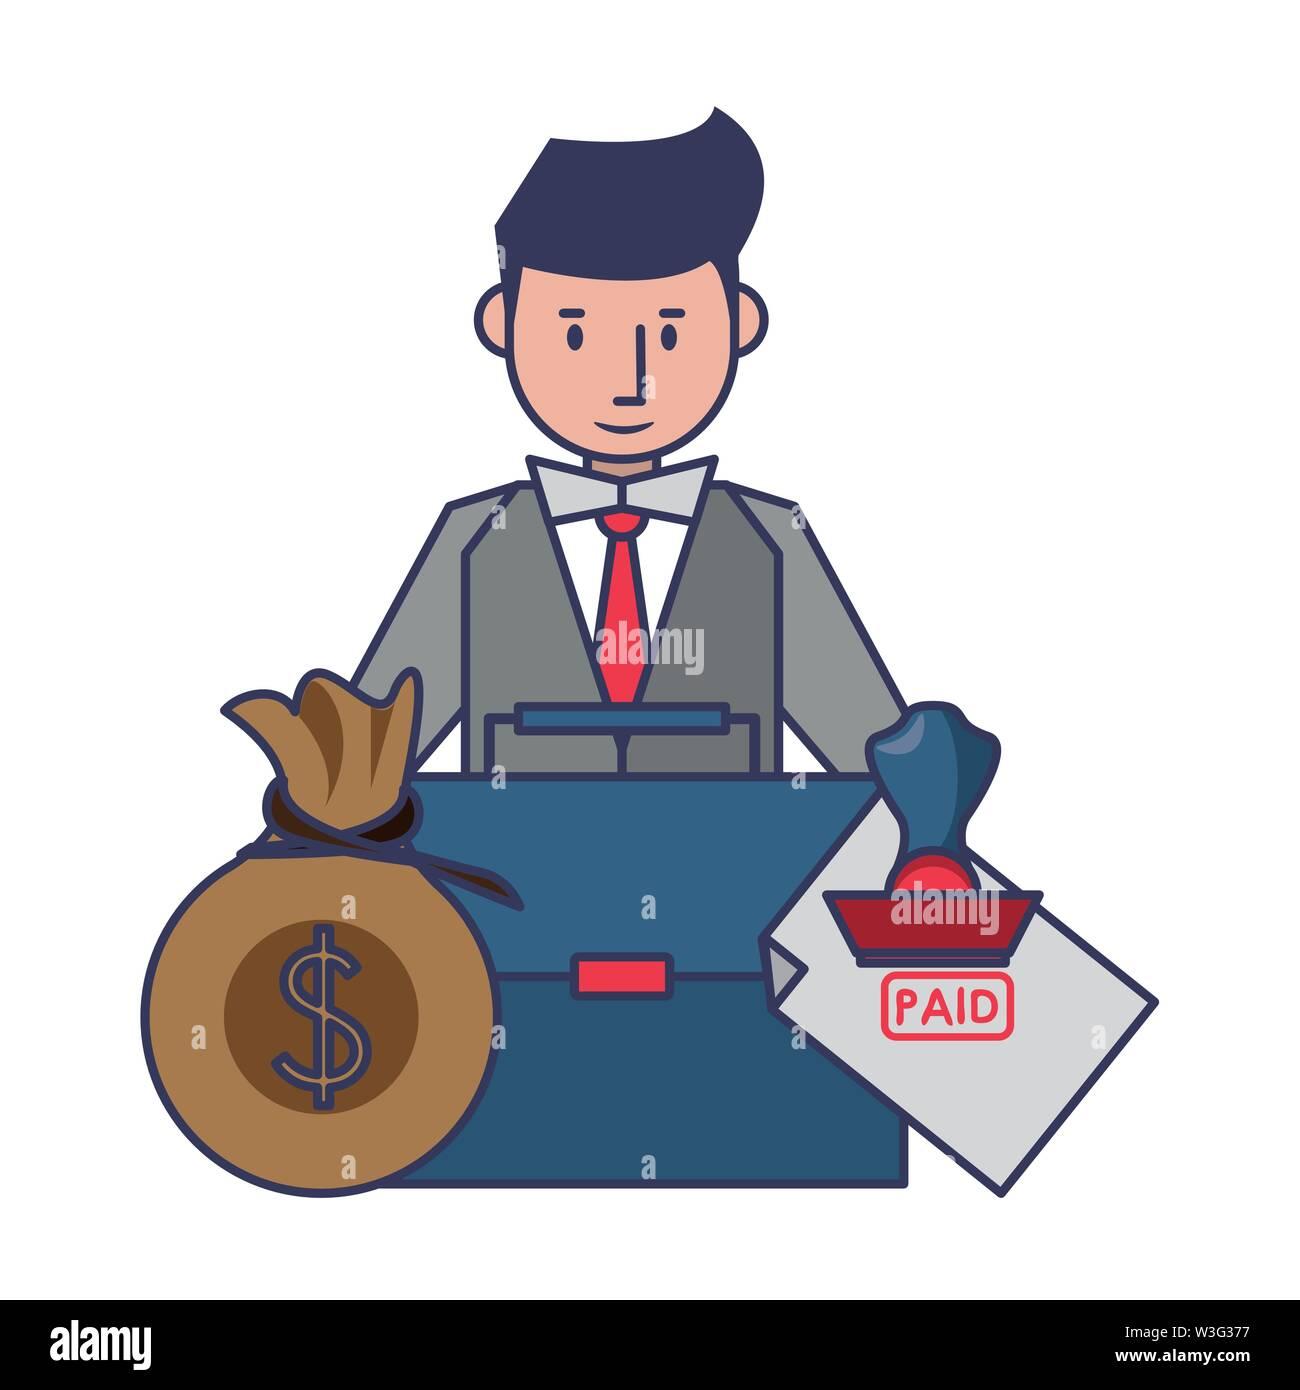 Geld sparen Unternehmen persönliche Finanzierung Zahlung berechnen Elemente mit Geschäftsmann cartoon Vector Illustration graphic design Stockbild